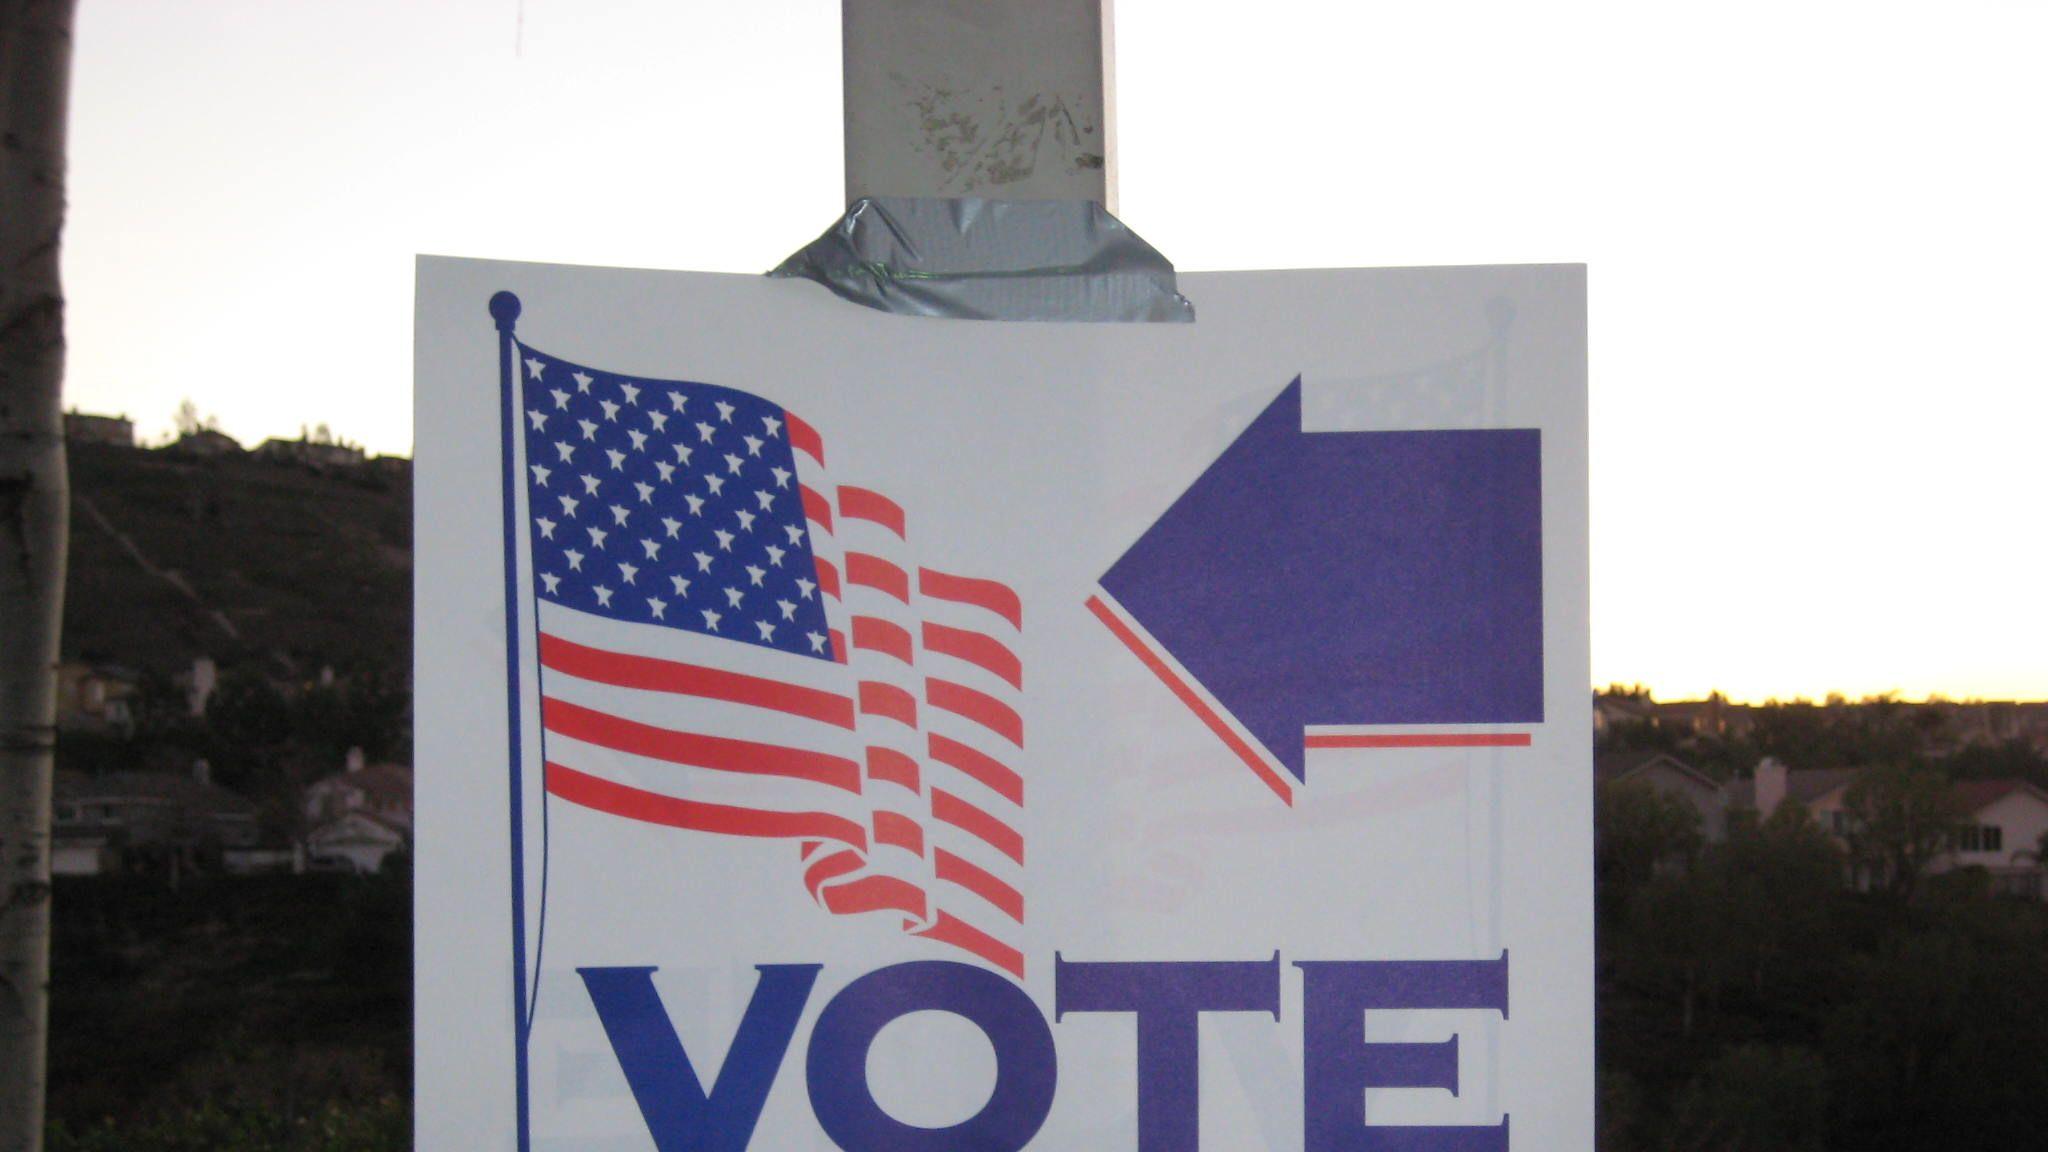 テキサス州が郵便投票の回収所を削減、知事の主張は「誤り」